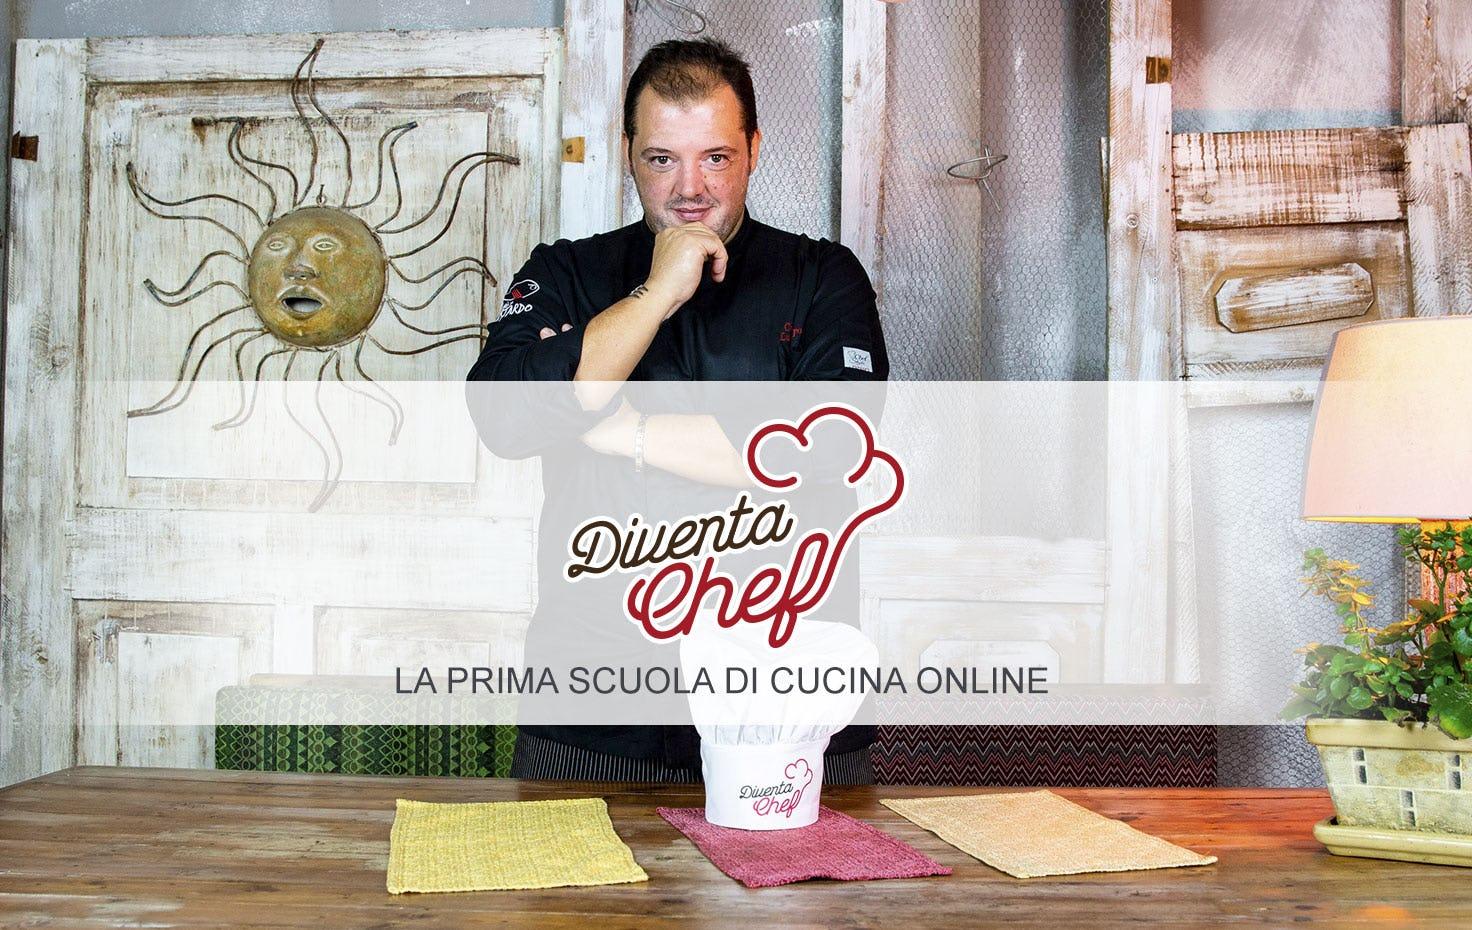 Progettare Cucina On Line Gratis diventa chef, la prima scuola di cucina online - in